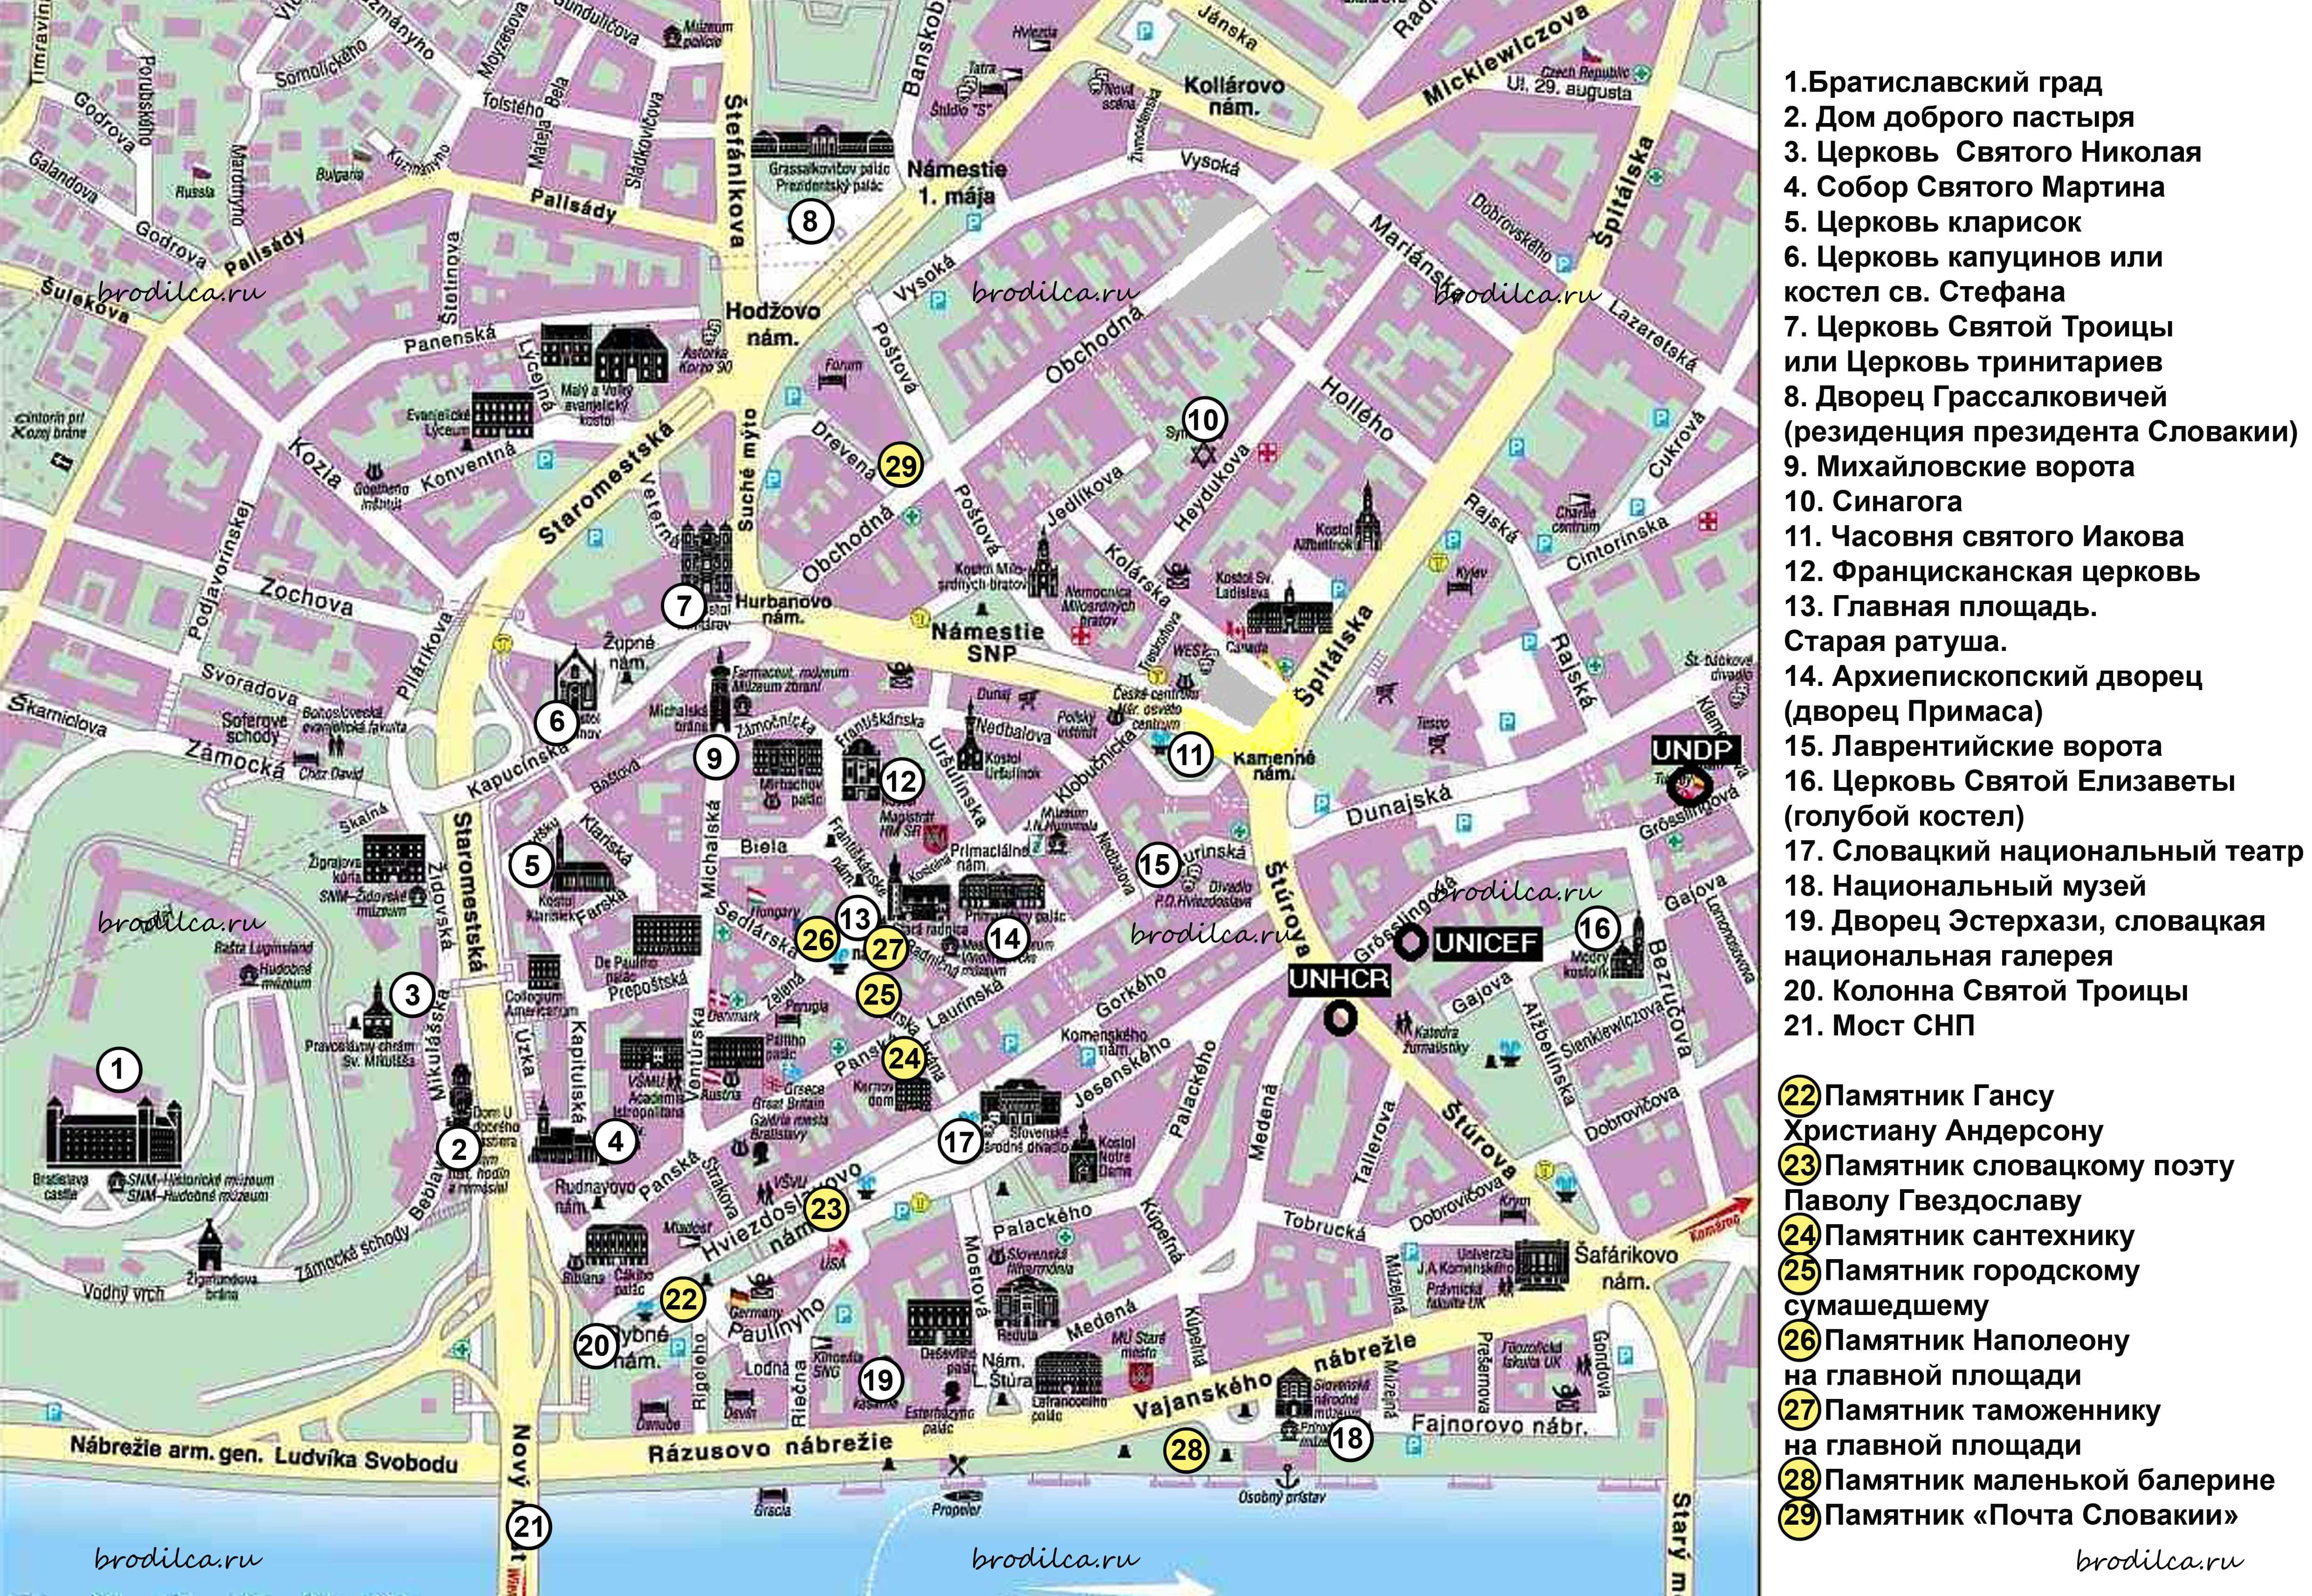 Карта достопримечательностей Братиславы